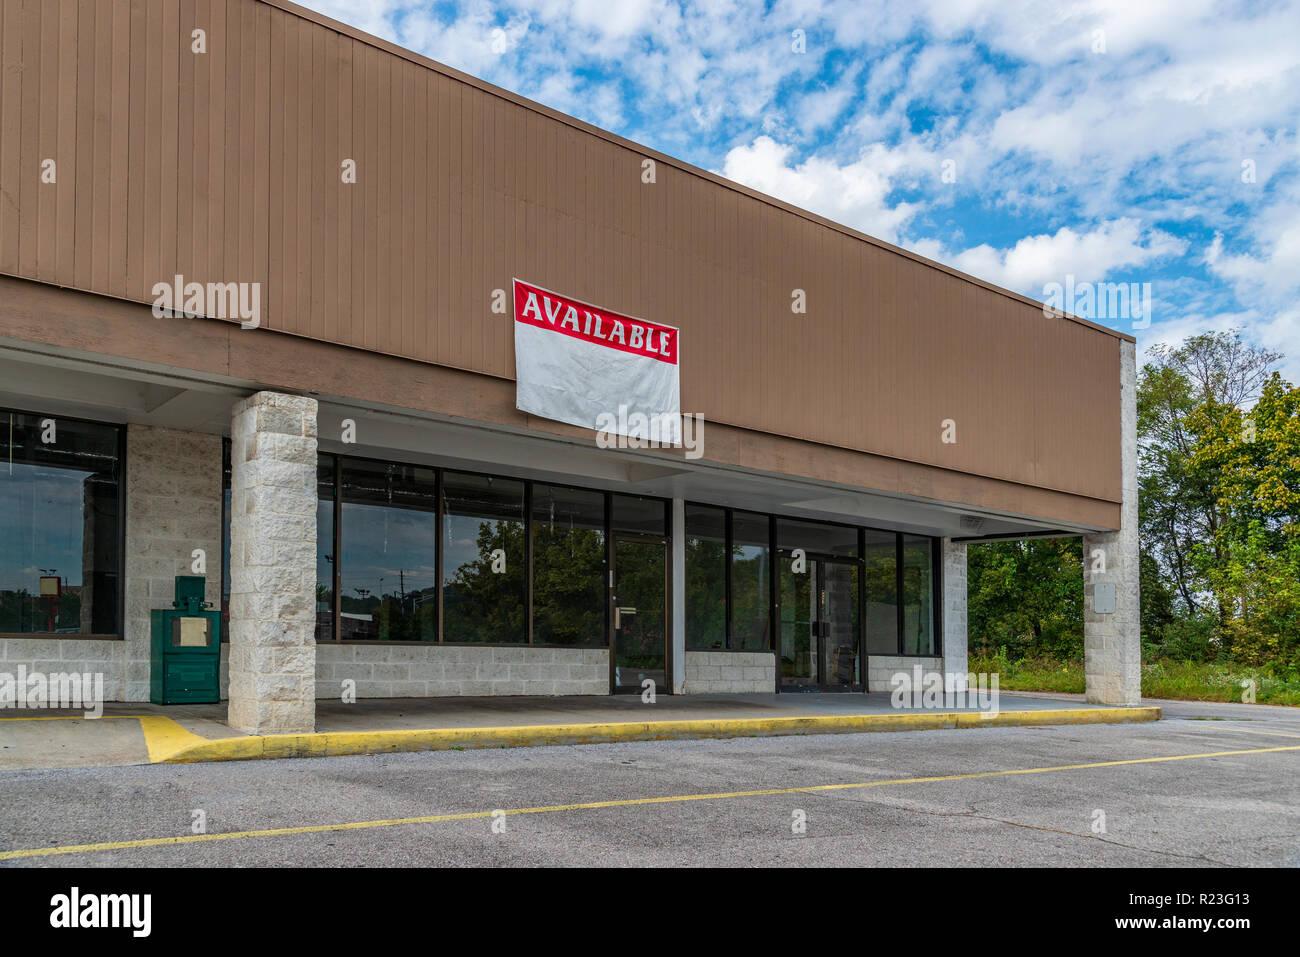 Sevierville, TN / Stati Uniti - 15 Ottobre 2018: Orizzontale colpo di disponibile spazio retail in un vecchio nastro Shopping Center sotto un blu nuvoloso sk Immagini Stock